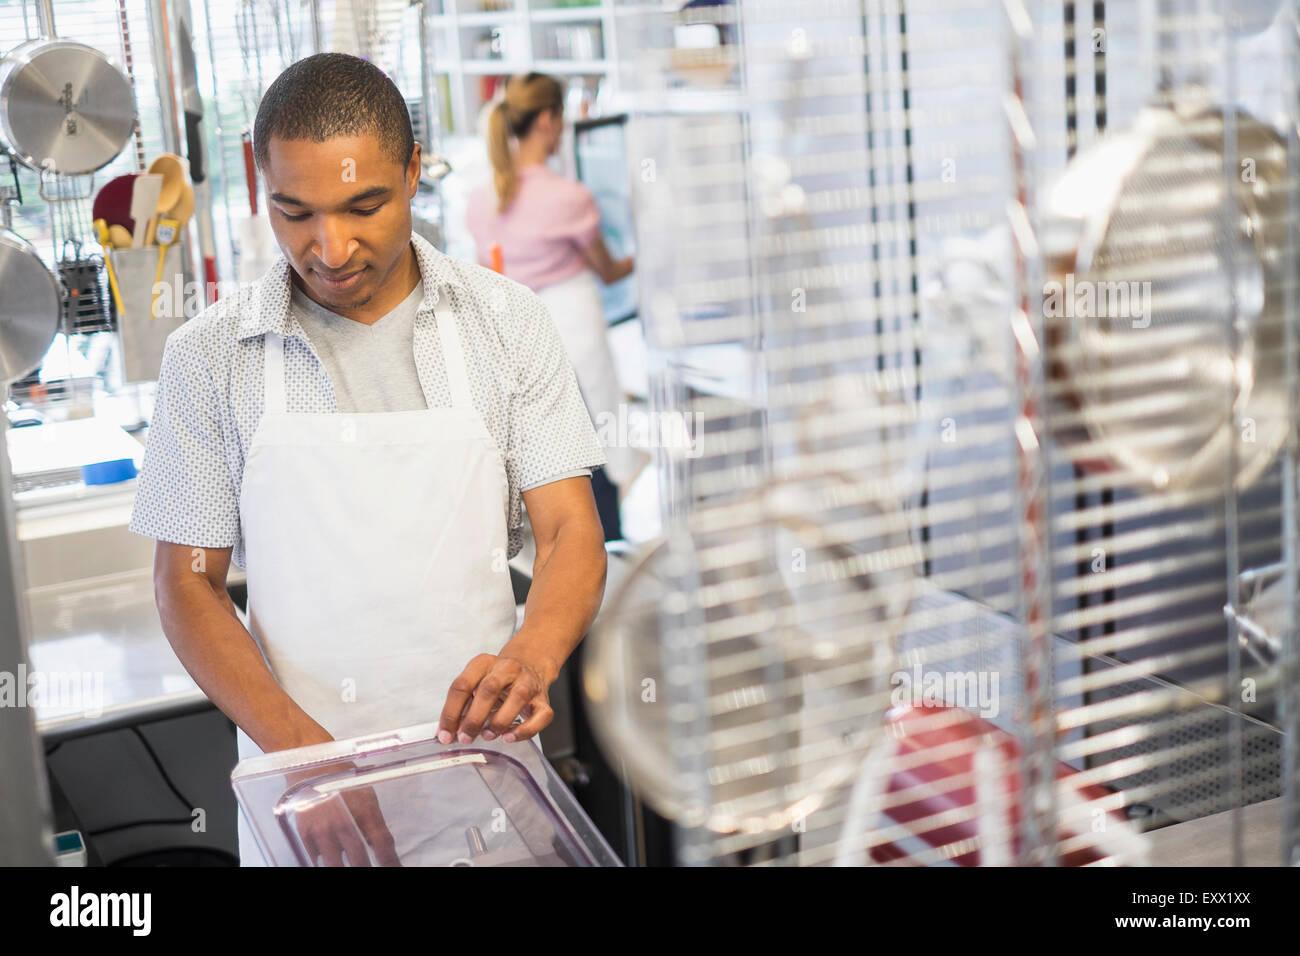 Proprietario di panetteria al lavoro Immagini Stock